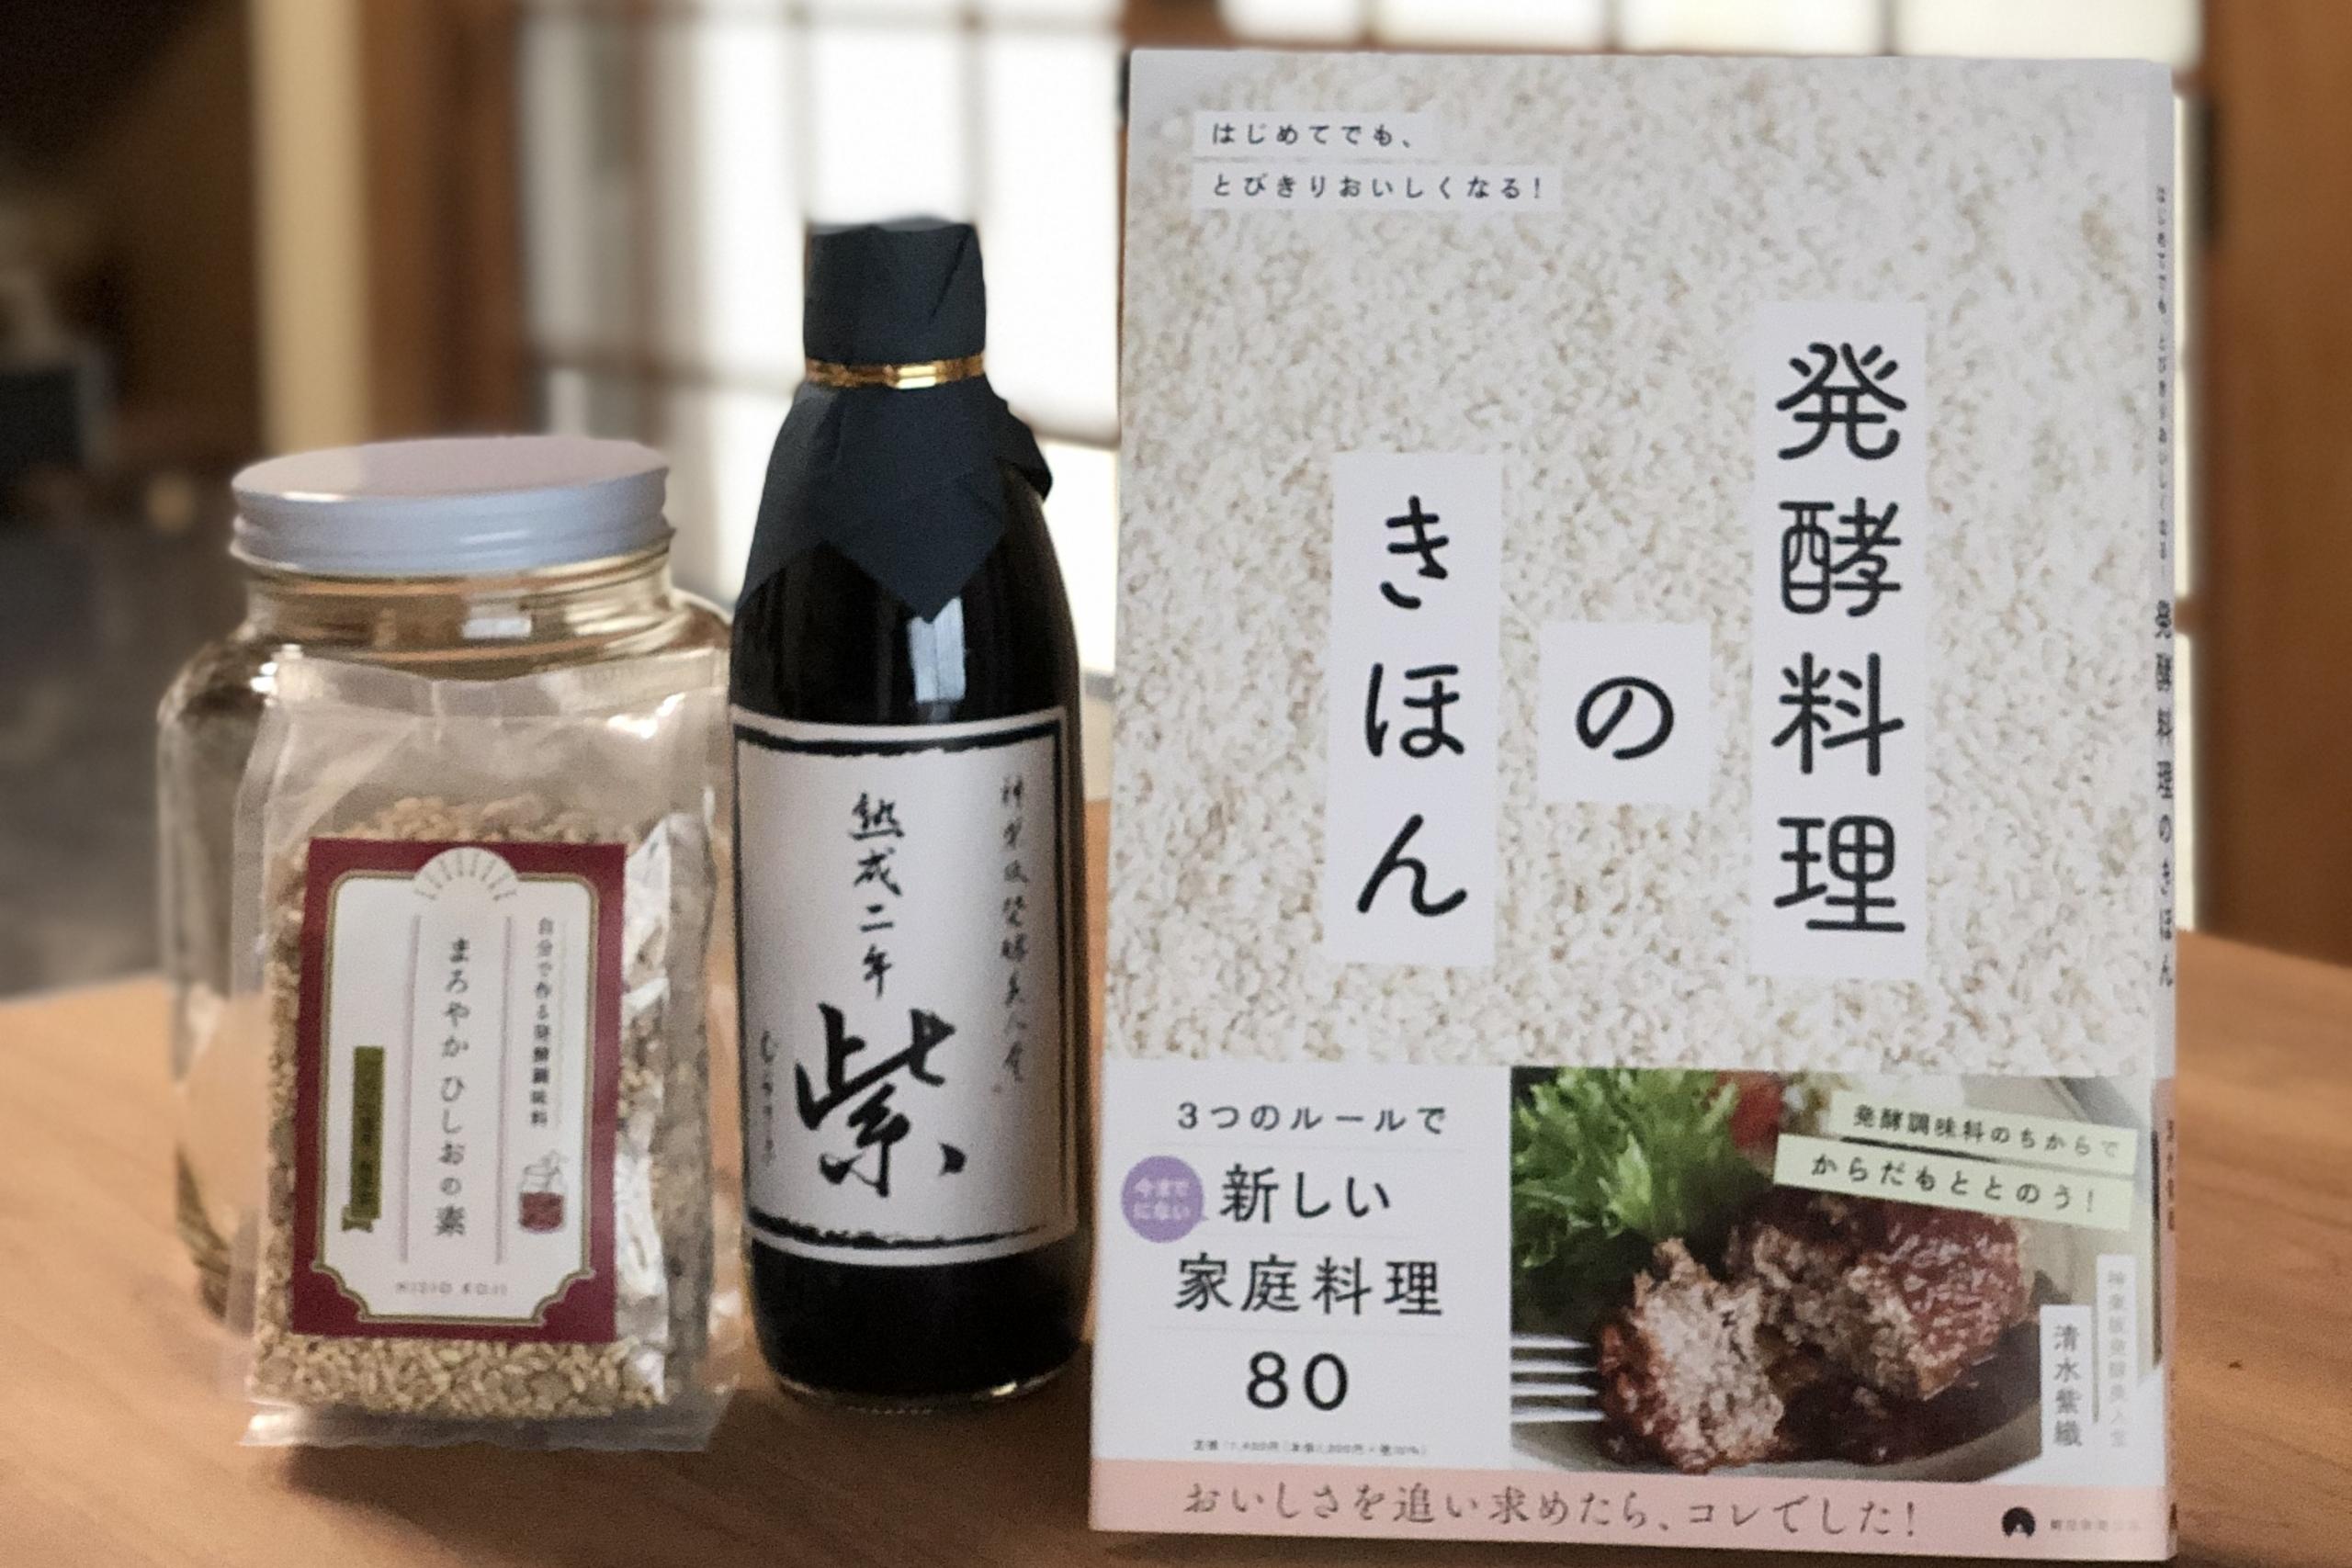 「最強のおいしさをもっと知りたい」神楽坂発酵美人堂の清水紫織さんが追いかける、発酵食の魅力